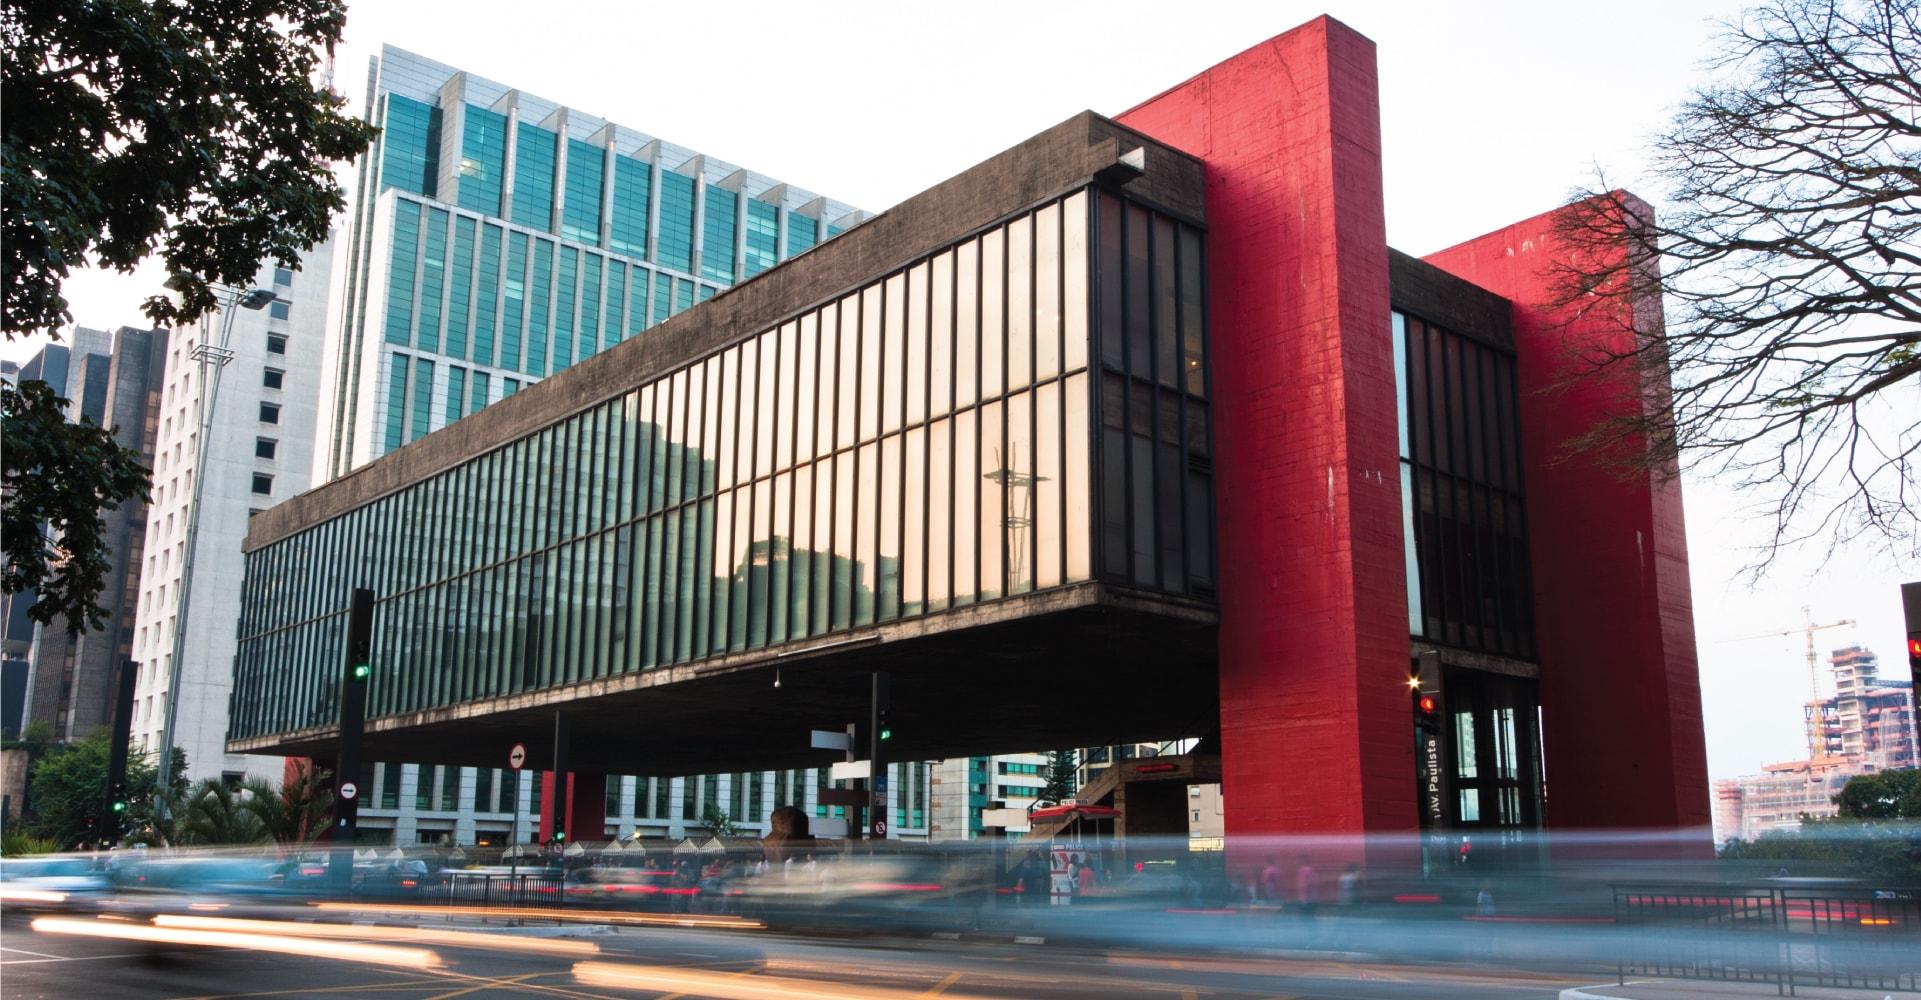 cidades-brasileiras-arquitetura-04